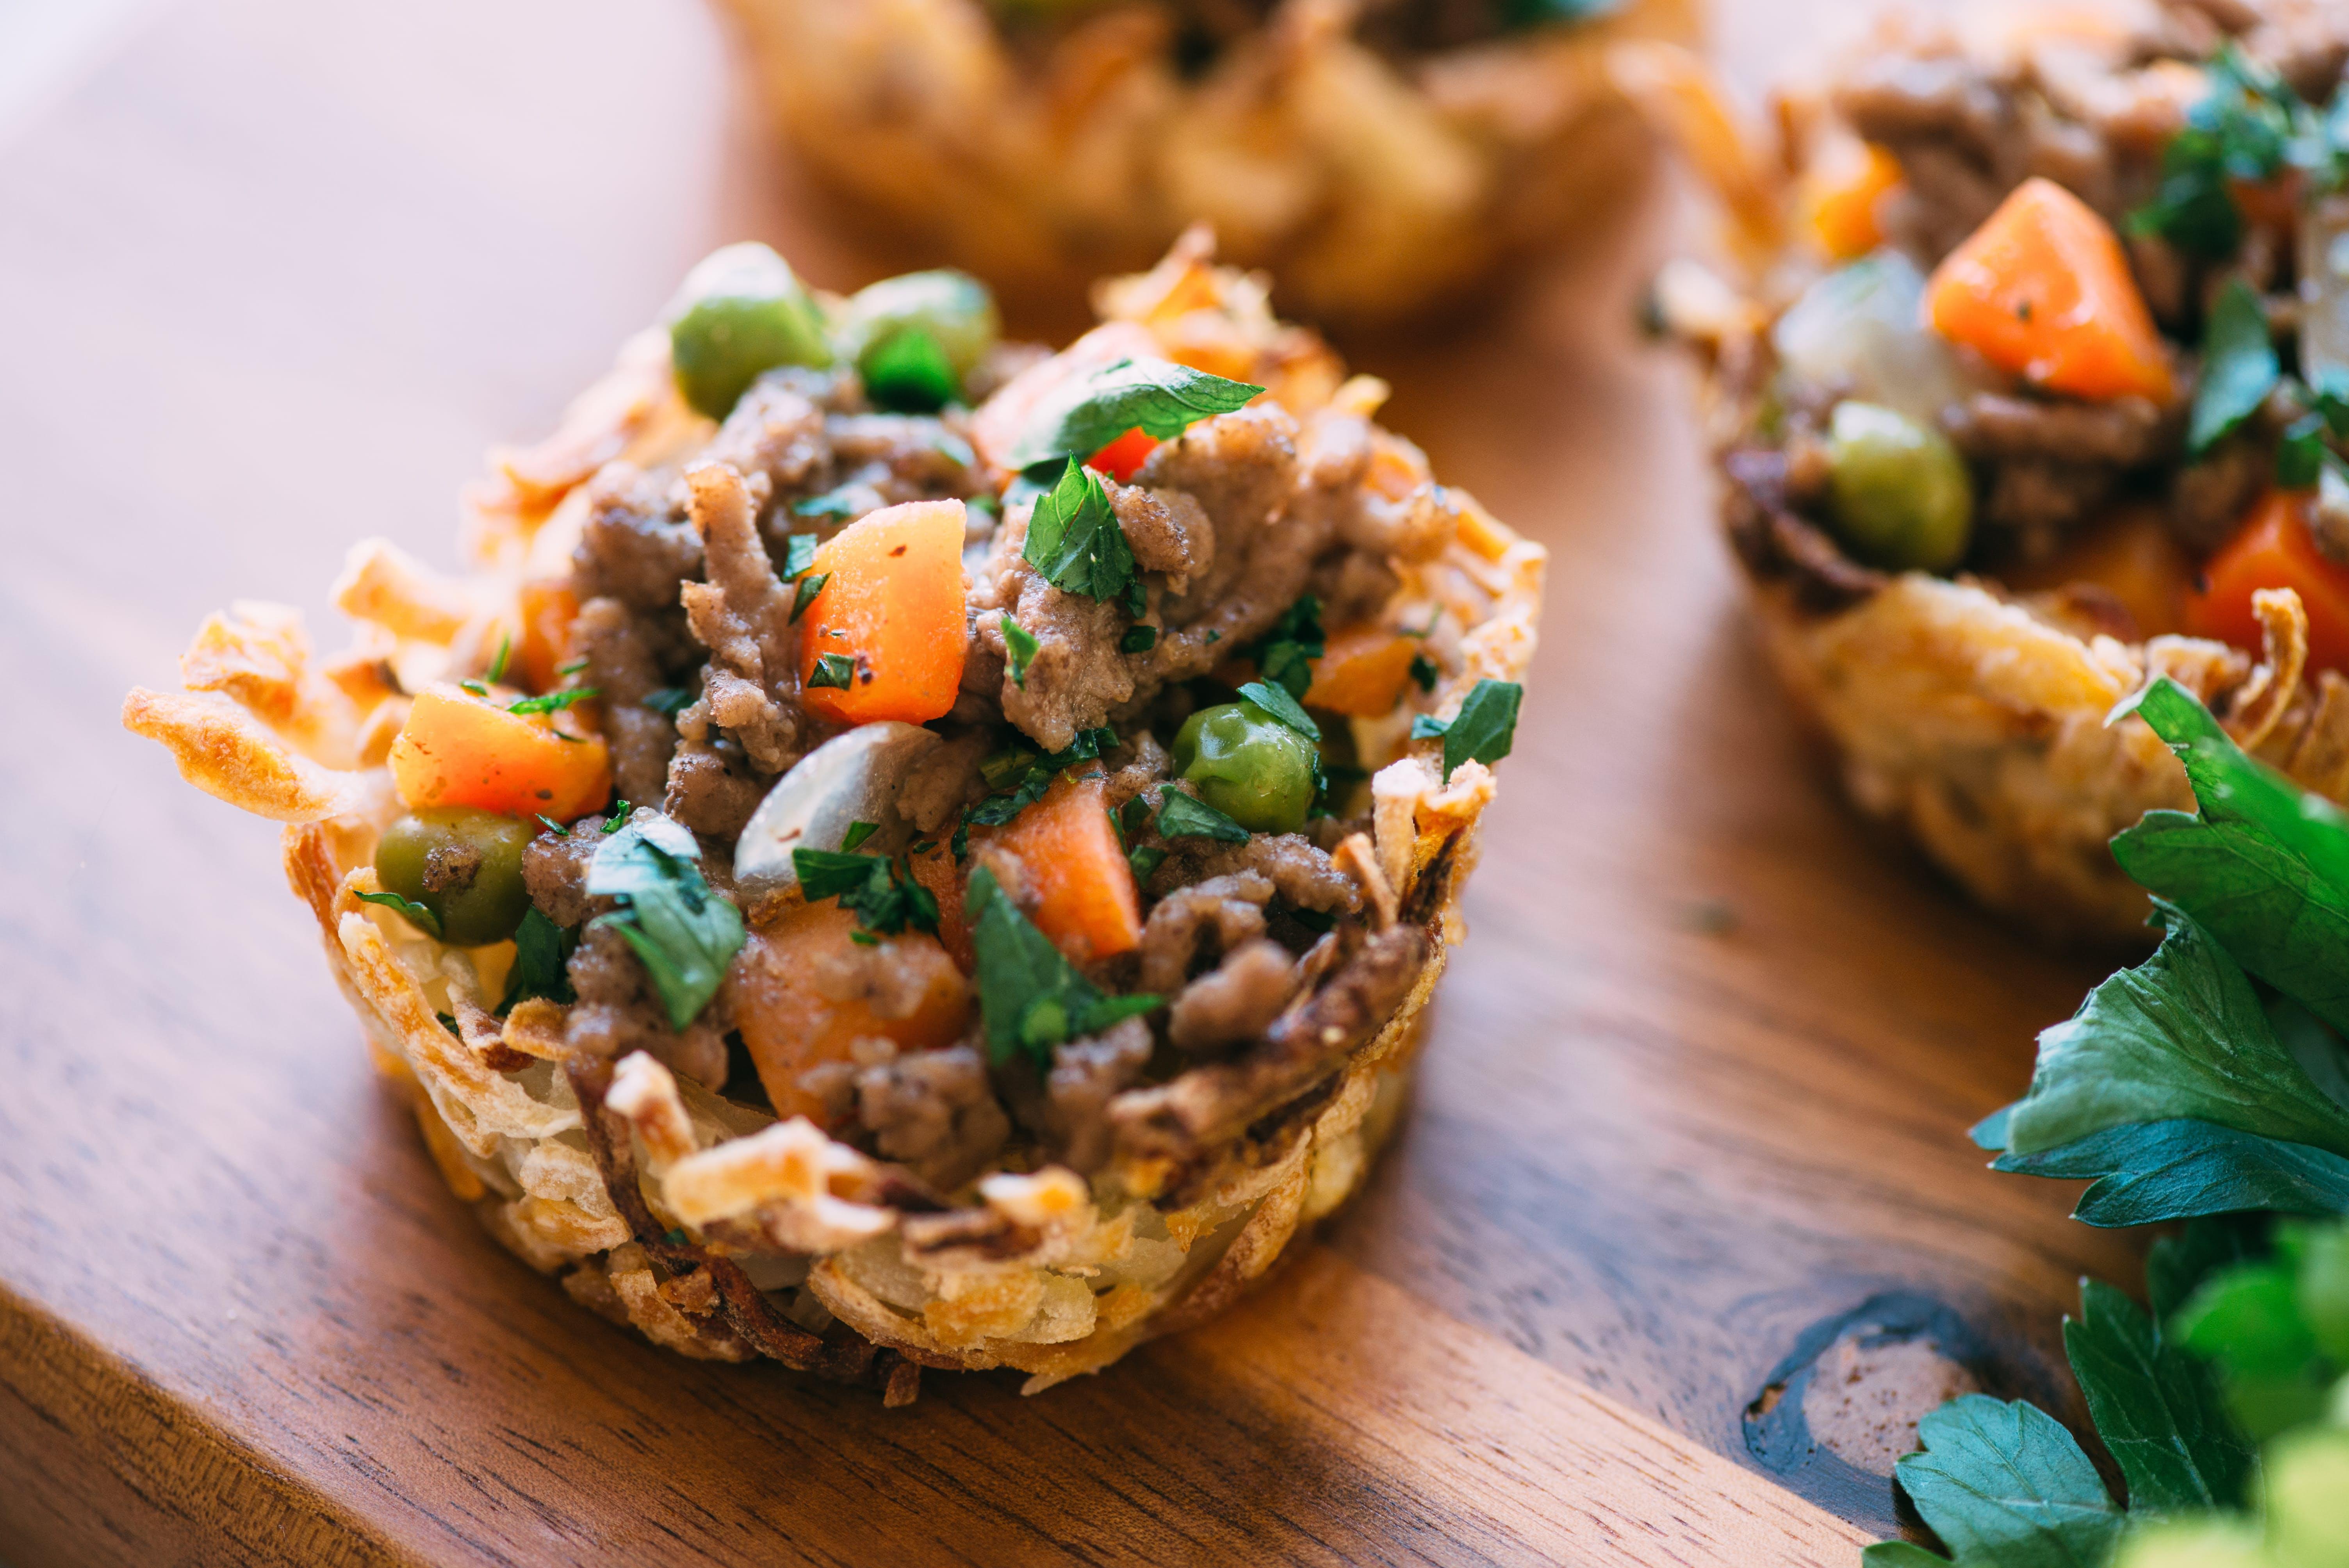 Muffin-Pan Shepherd's Pie